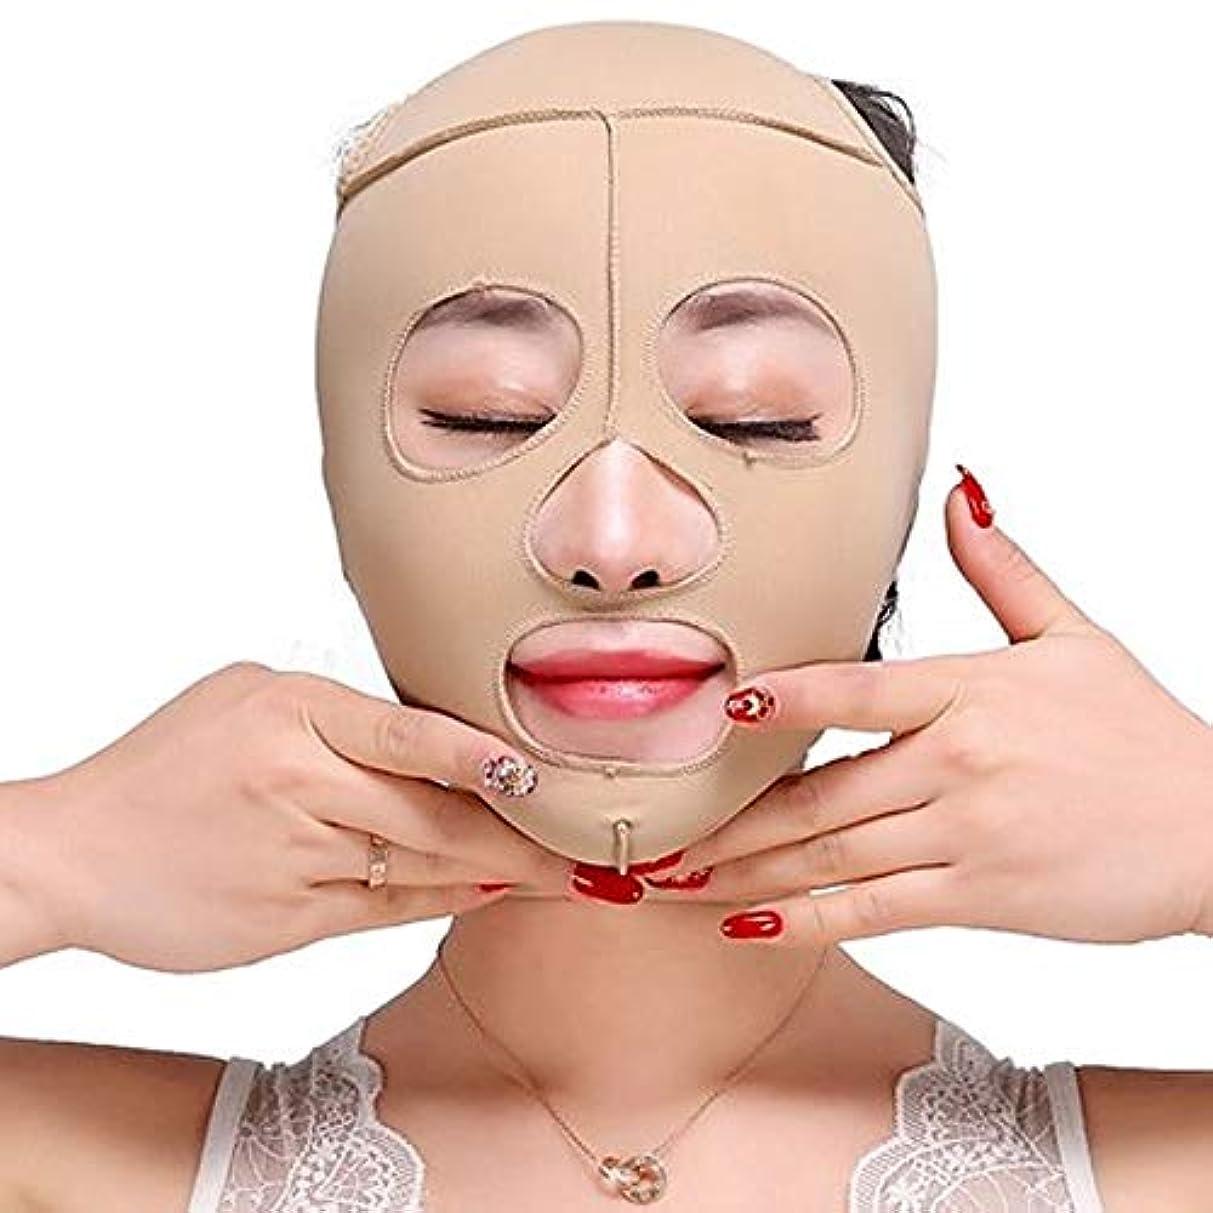 ホテル歩き回る小競り合いJia Jia- フェイスリフティングアーティファクト睡眠薄い顔顔の顔薄い顔V顔マスク二重あご薄い顔包帯肌色 顔面包帯 (サイズ さいず : XL)